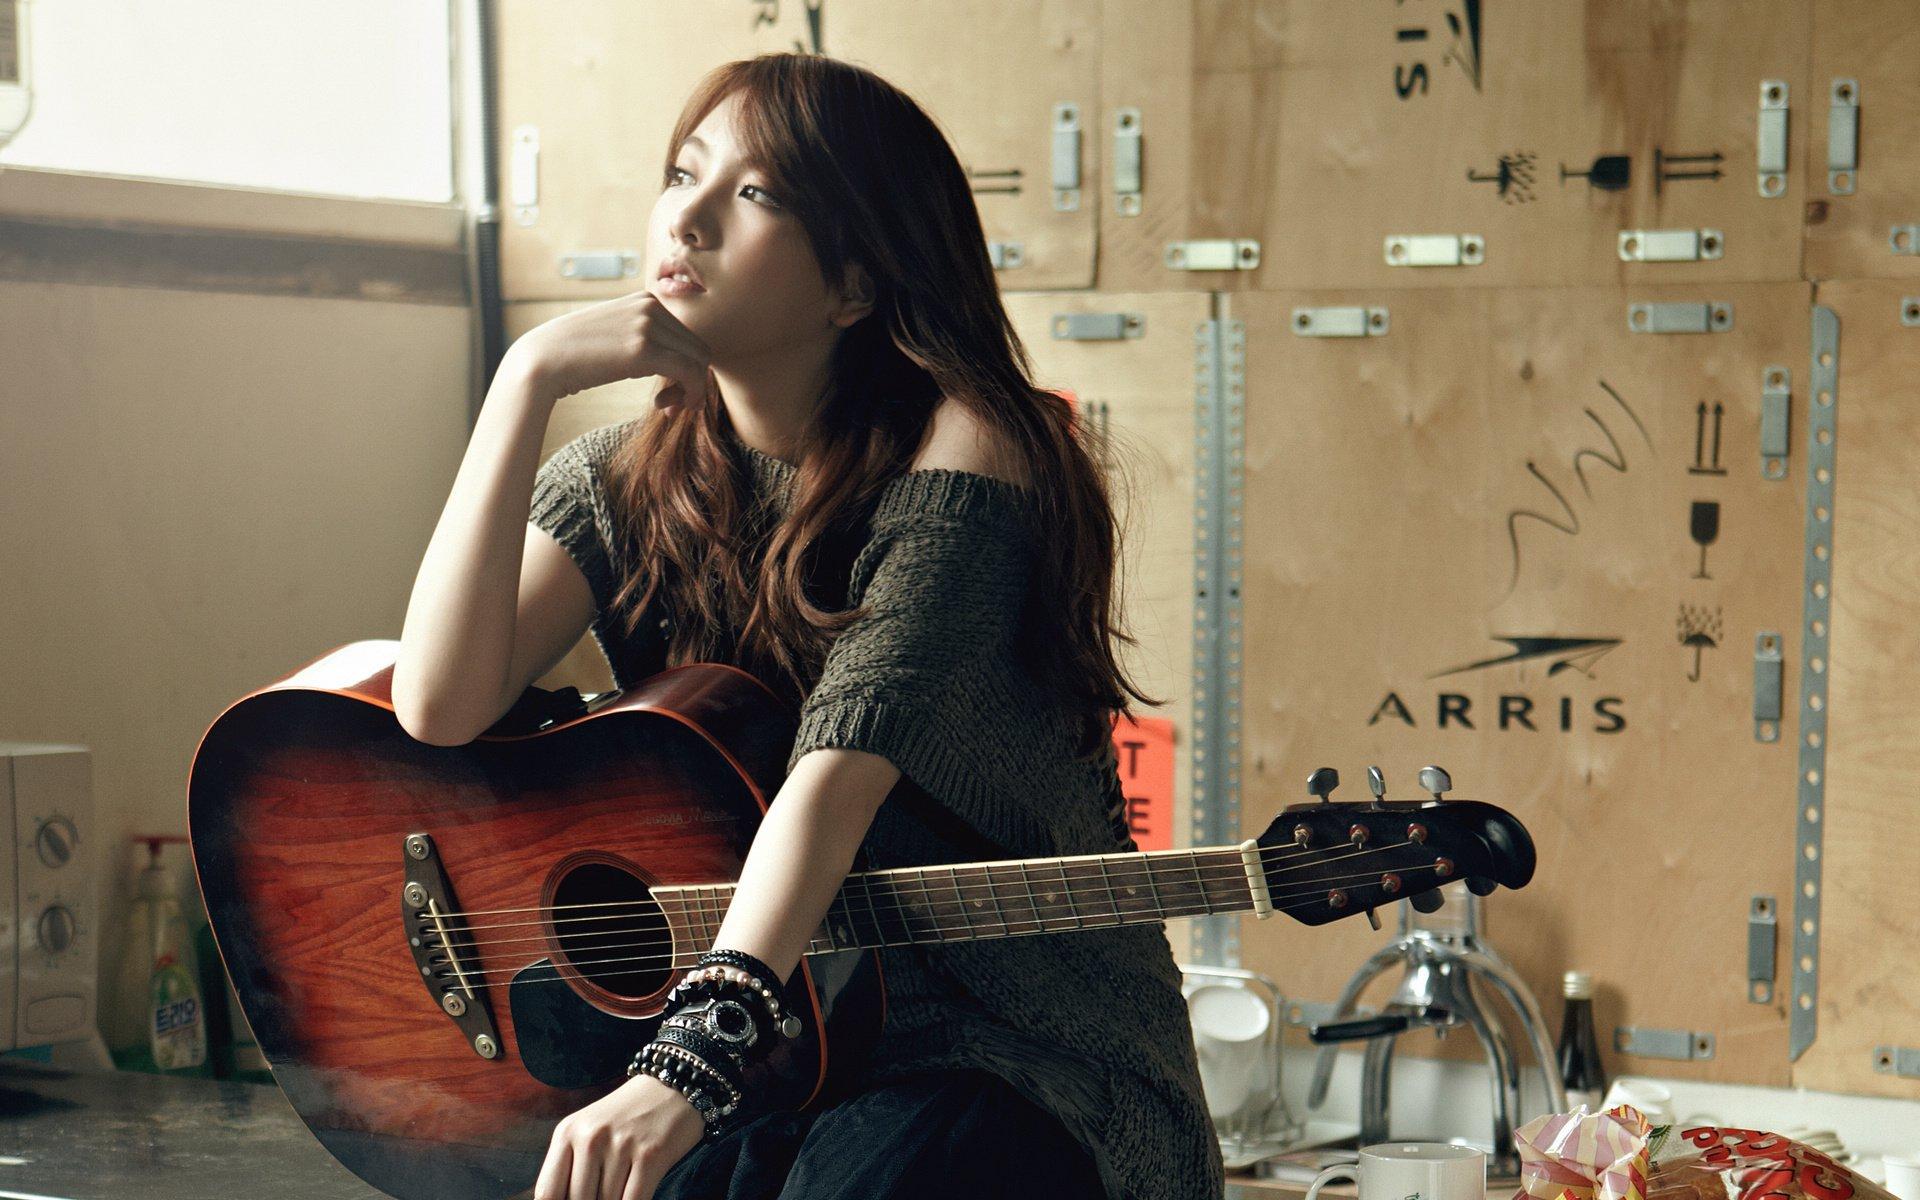 Азиатка с гитарой  № 465988 бесплатно